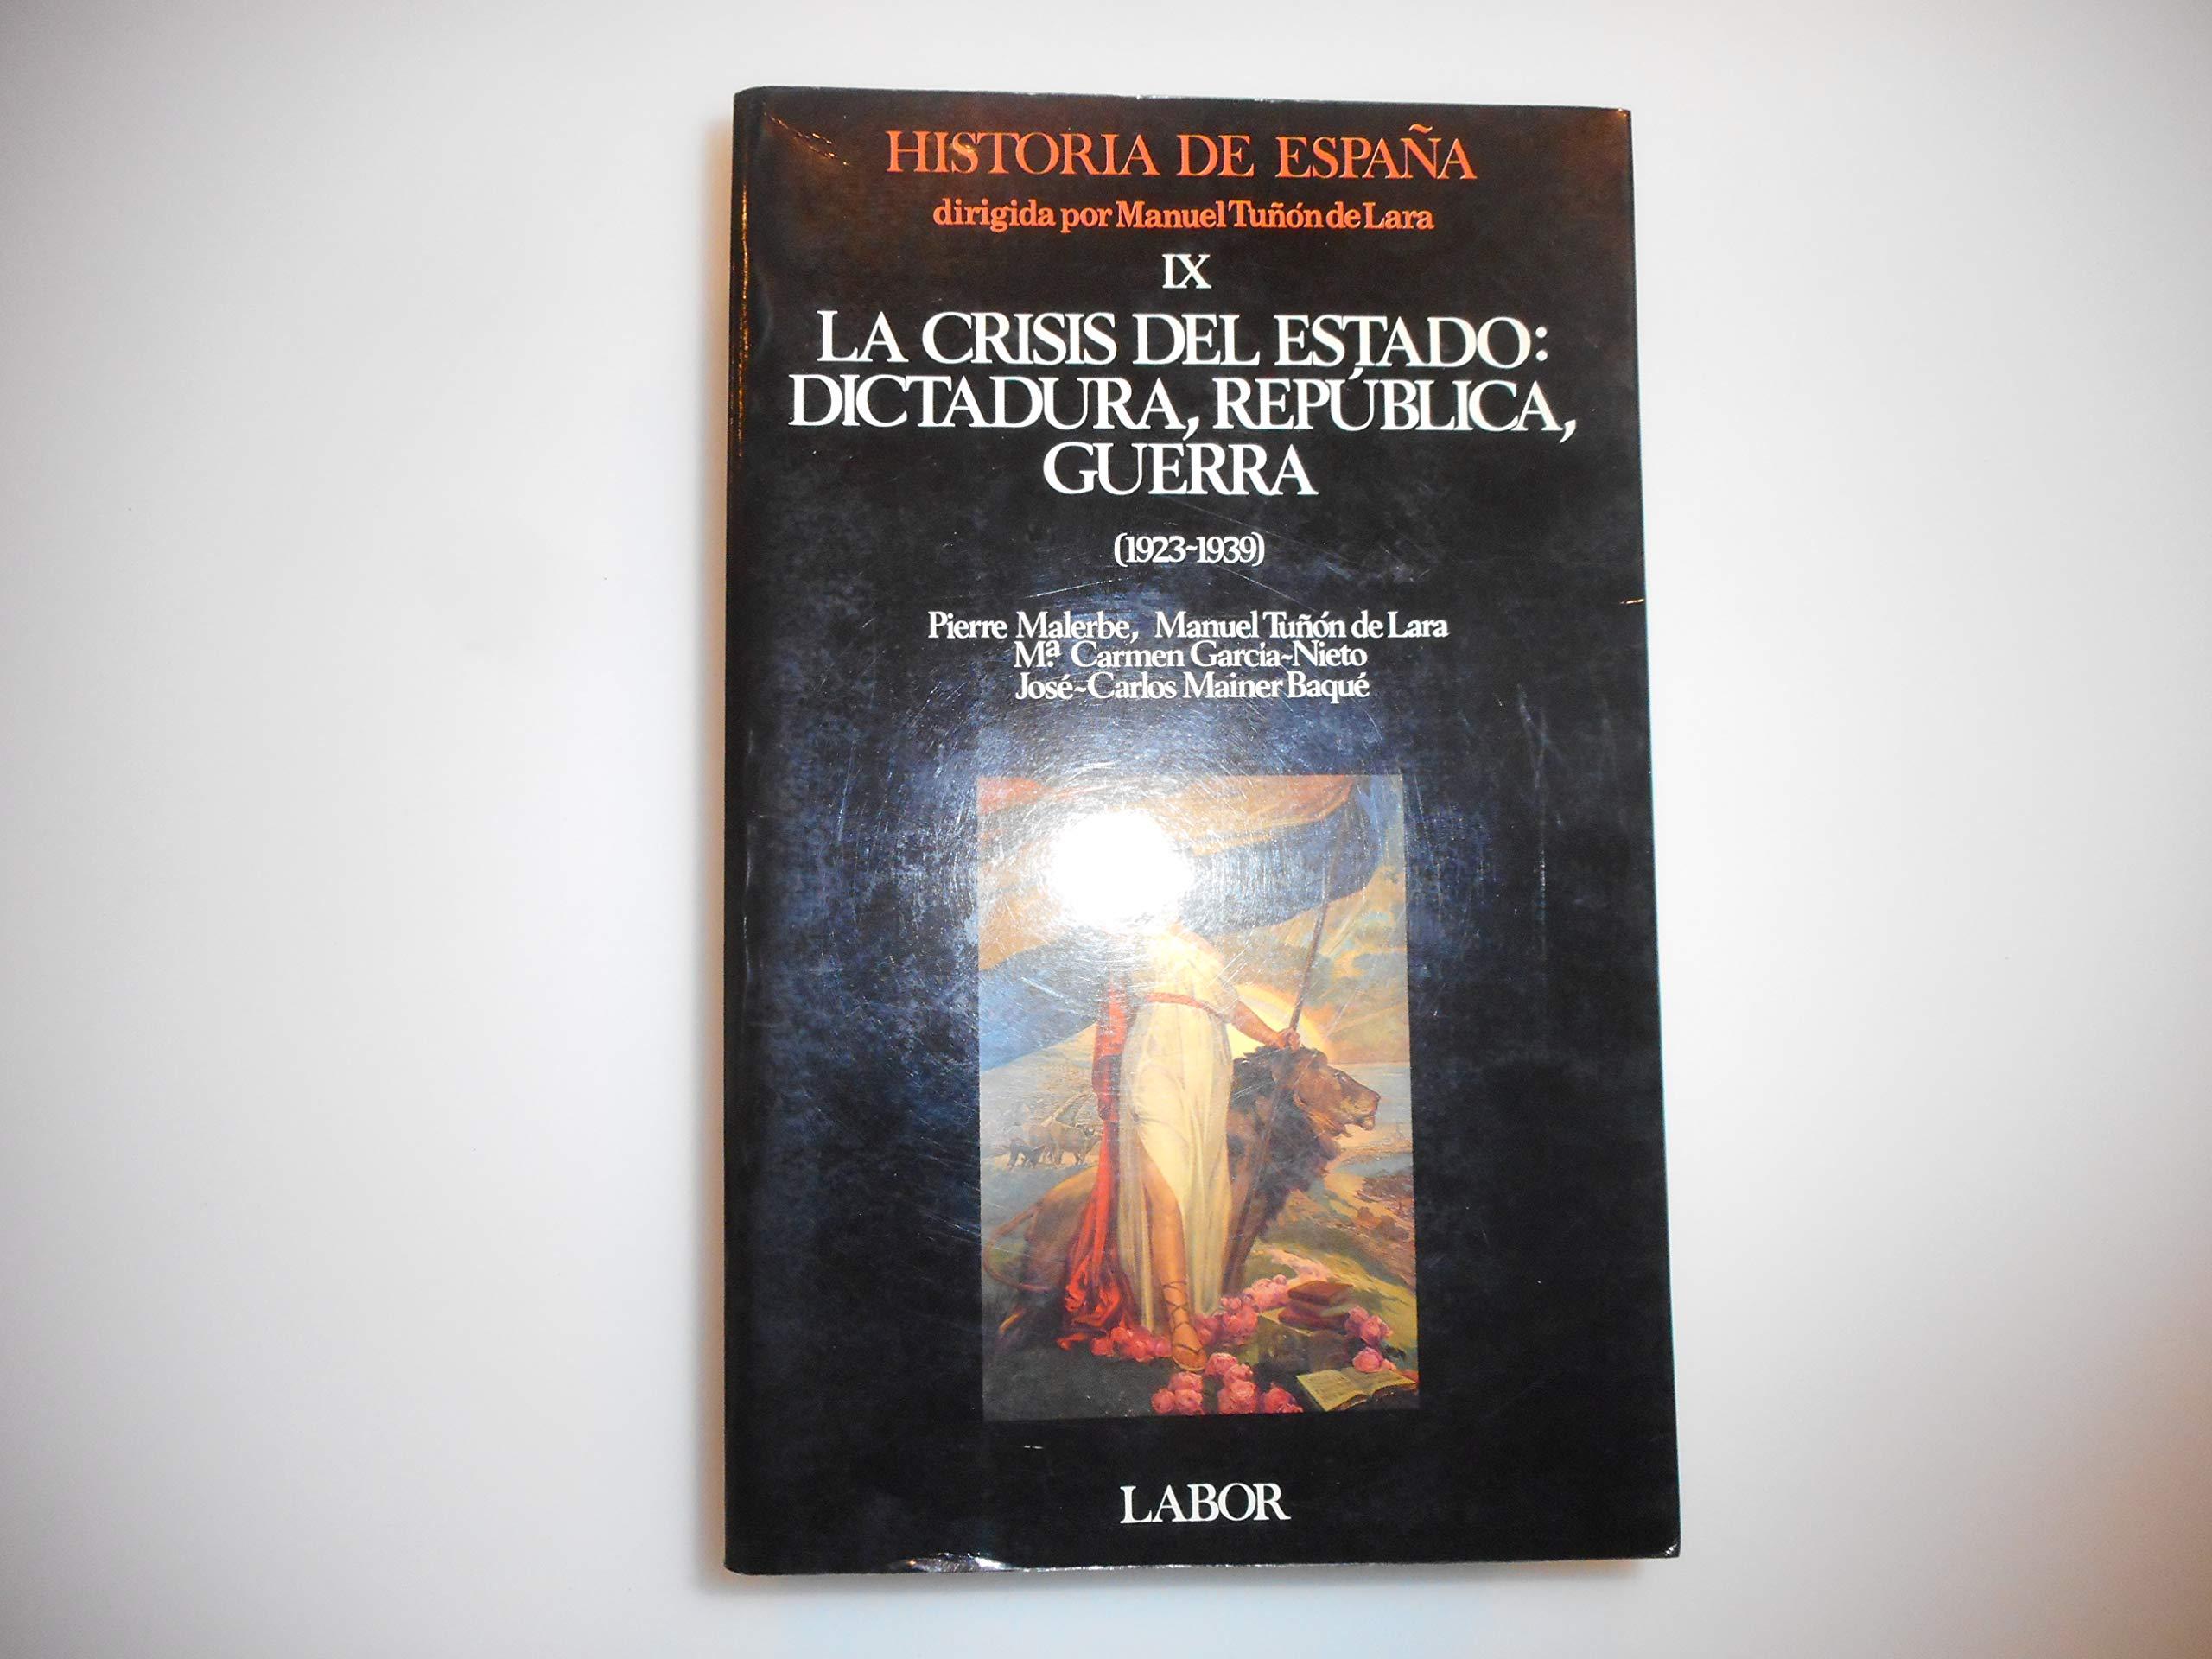 Crisis del estado: dictadura, republica, Guerra 1923-1939. h. esp. IX: Amazon.es: Tuñon De Lara,Manuel: Libros